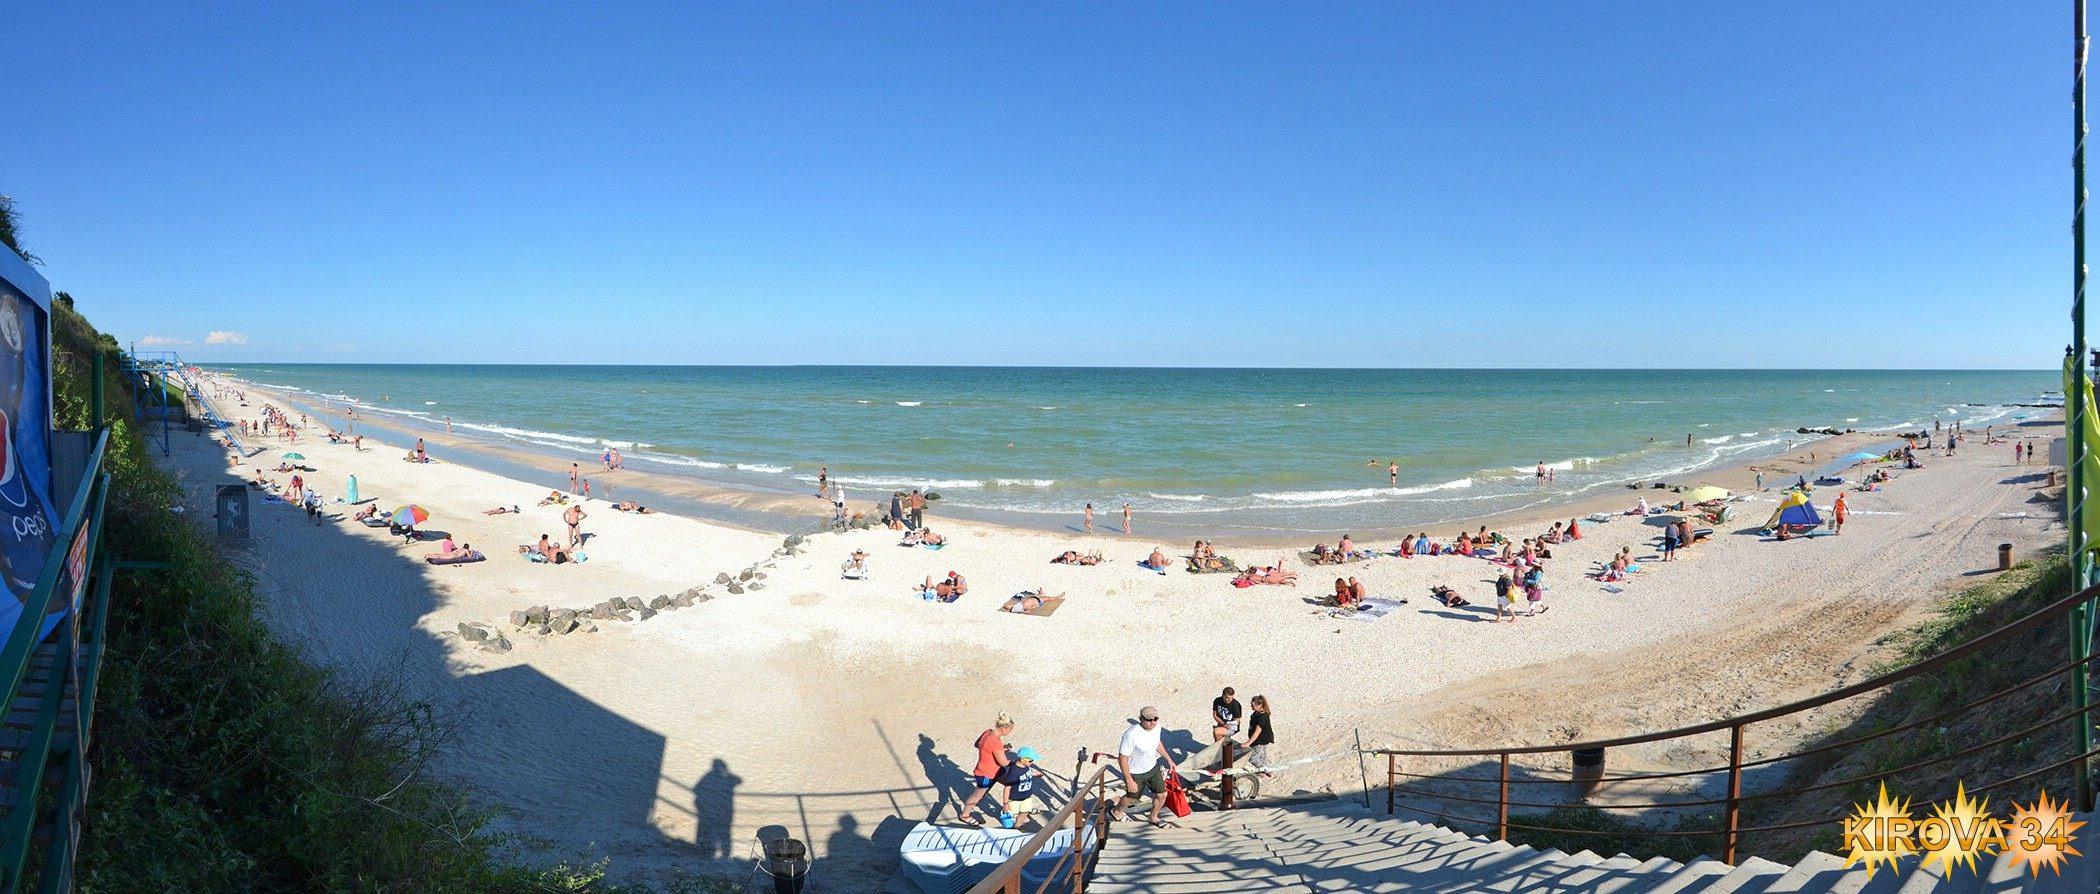 Ближайший пляж к гостевому дому КИРОВА 34. Кирилловка.